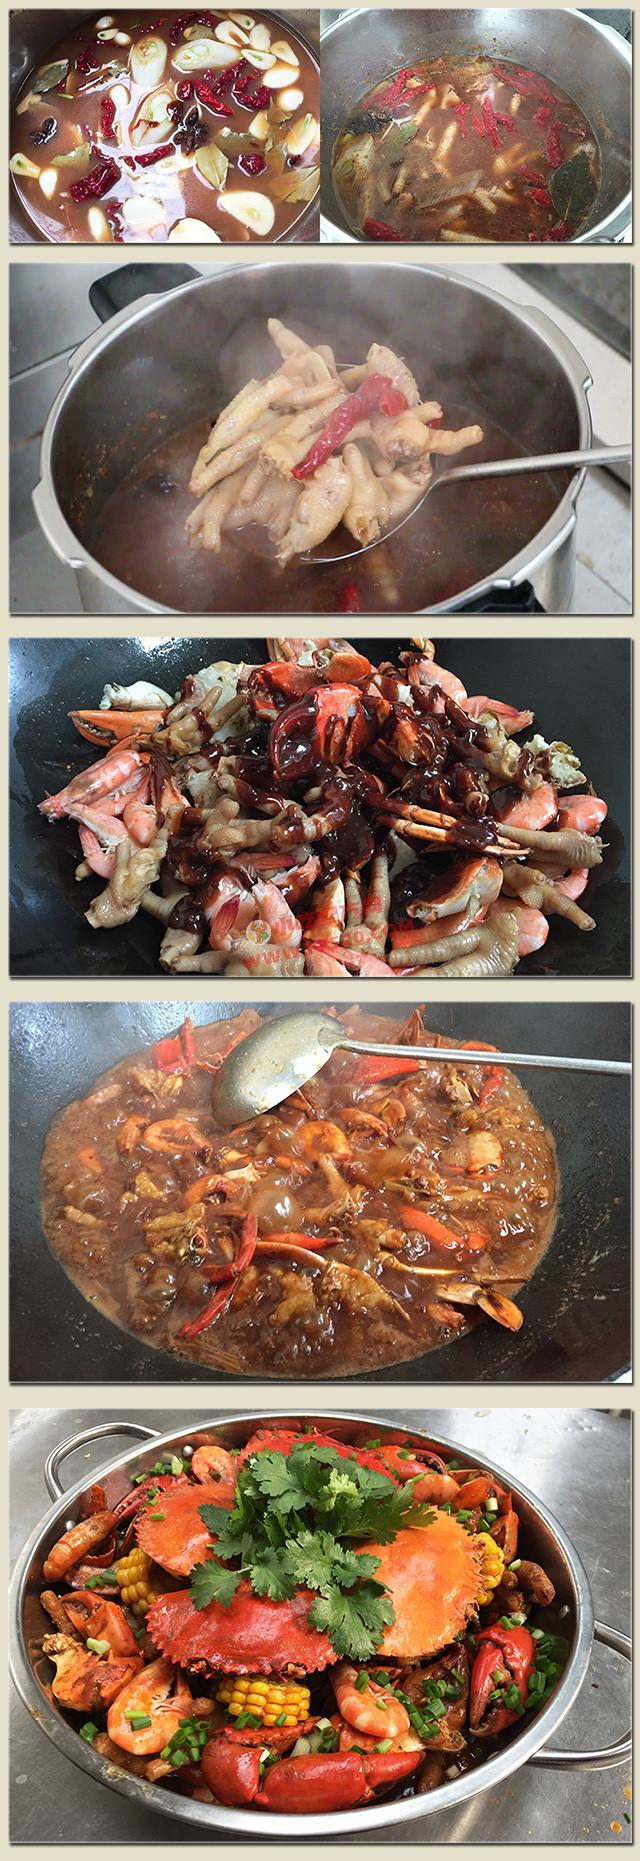 肉蟹煲的做法大全和配方配料,正宗技术培训教程教学视频 肉蟹煲 第5张